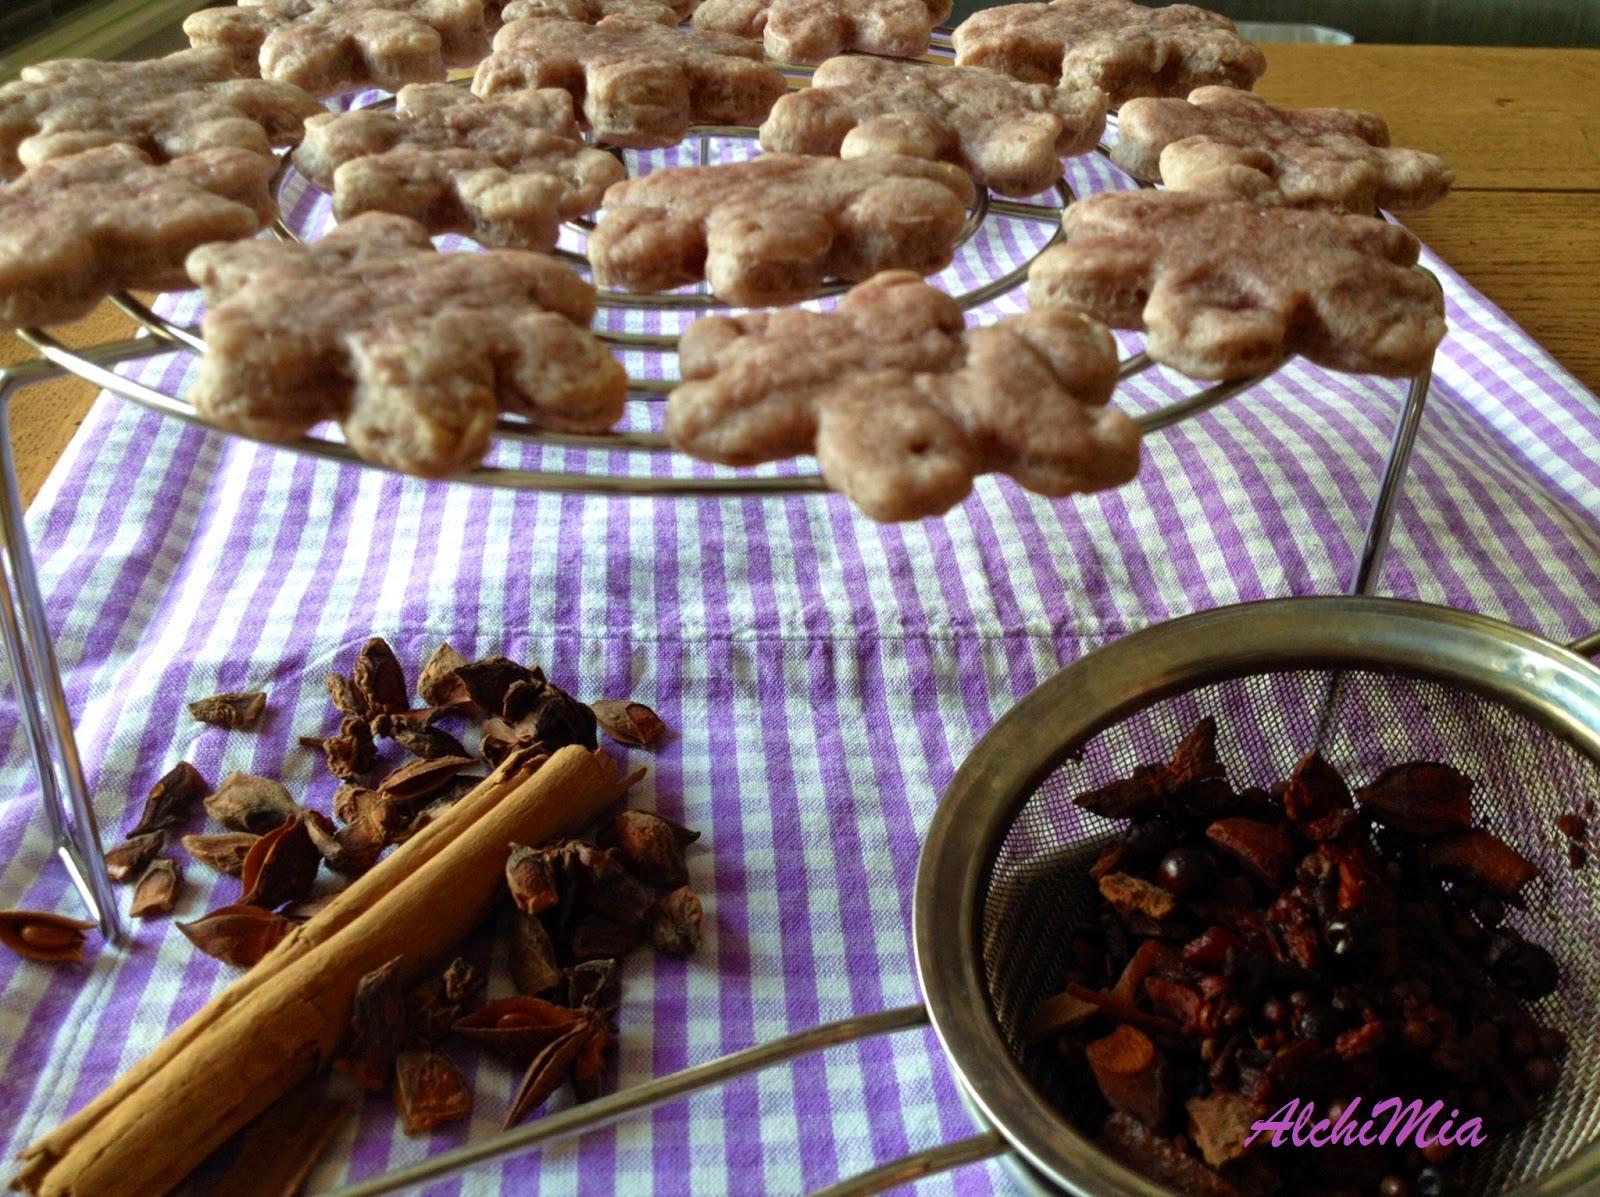 Fotografia dei biscotti al vin brulè dal blog AlchiMia